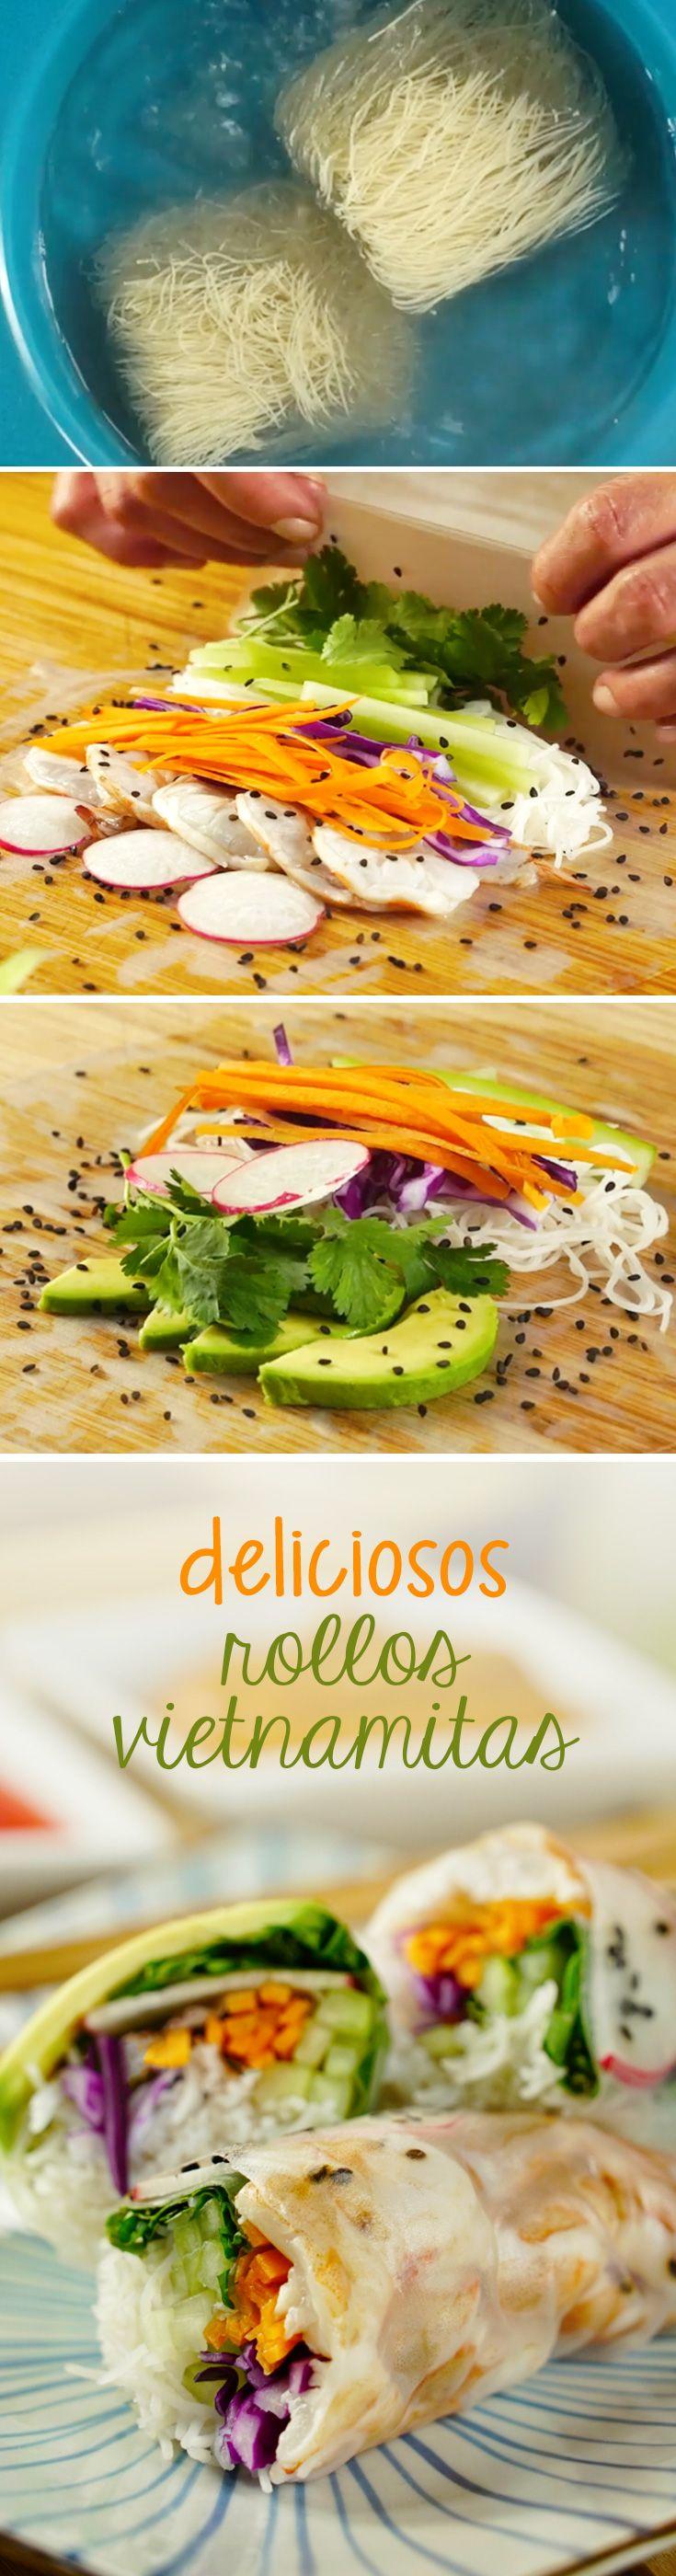 Receta de rollos vietnamitas fáciles de hacer en casa. Disfruta de estos rollitos con hoja de arroz y relleno de vegetales típicos de la cocina asiática